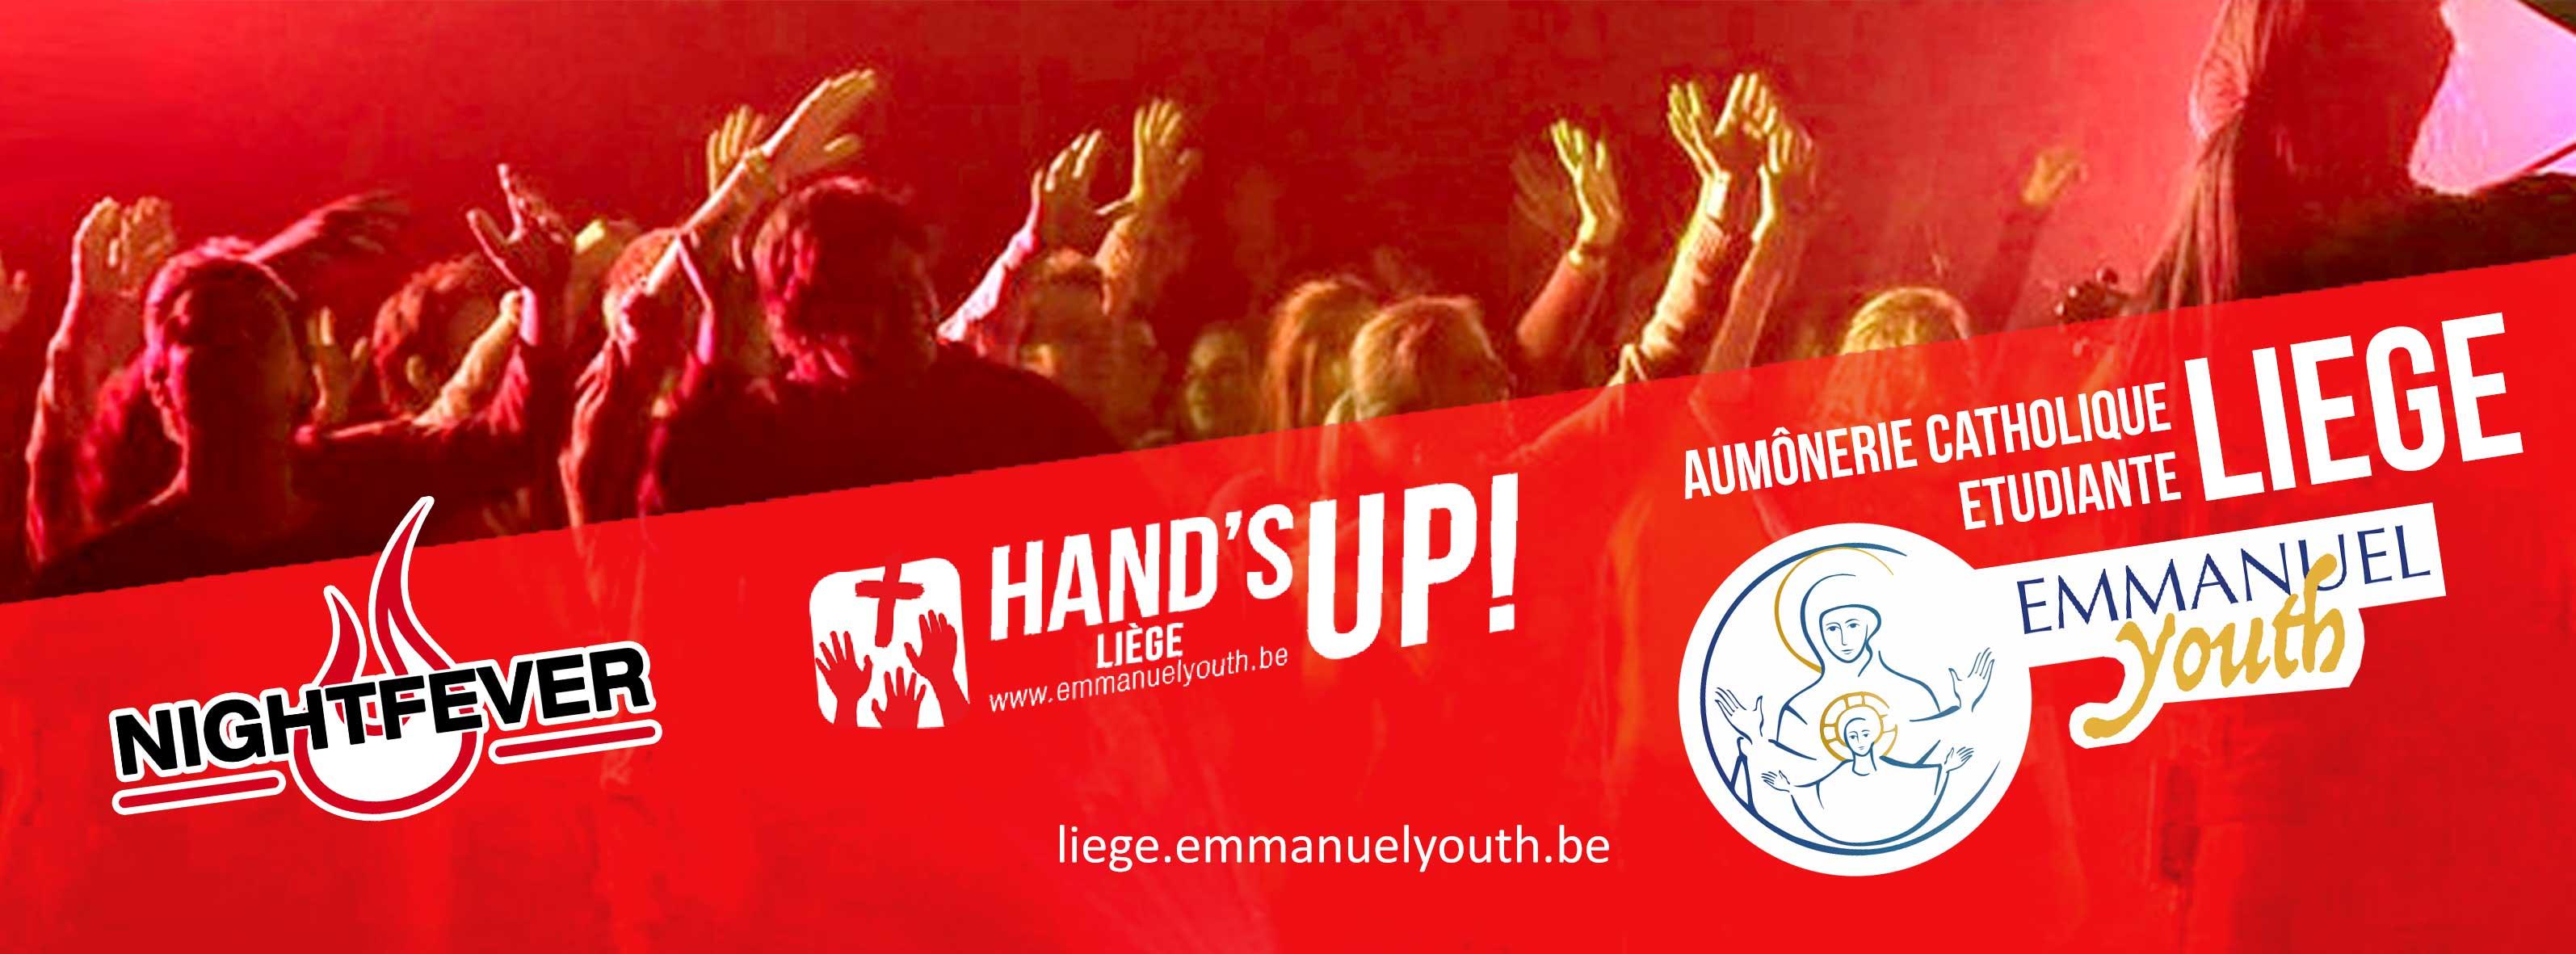 banner-handsup-liege-2016-2017-270x100